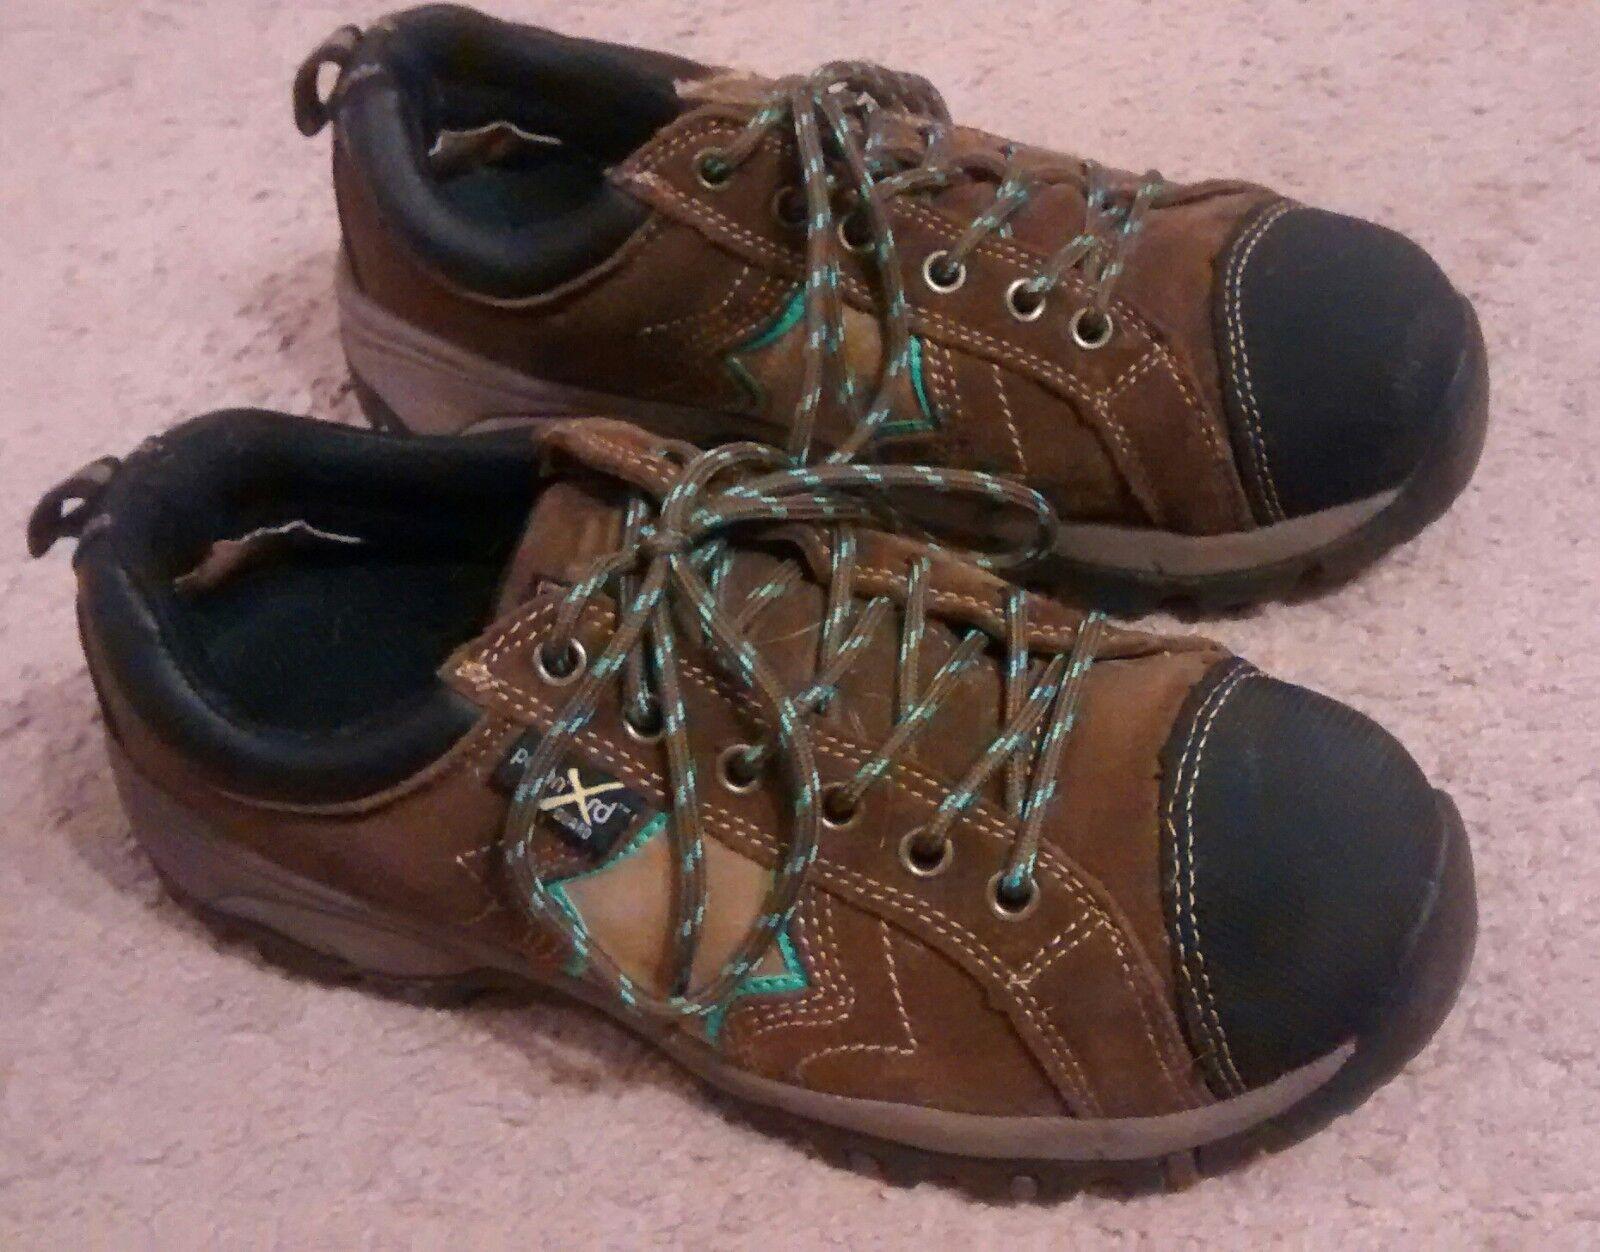 McRae para mujer metatarso Poron XRD se reunió Guardia Guardia Guardia 8M Marrón Compuesto Puntera calzado de trabajo  descuento online